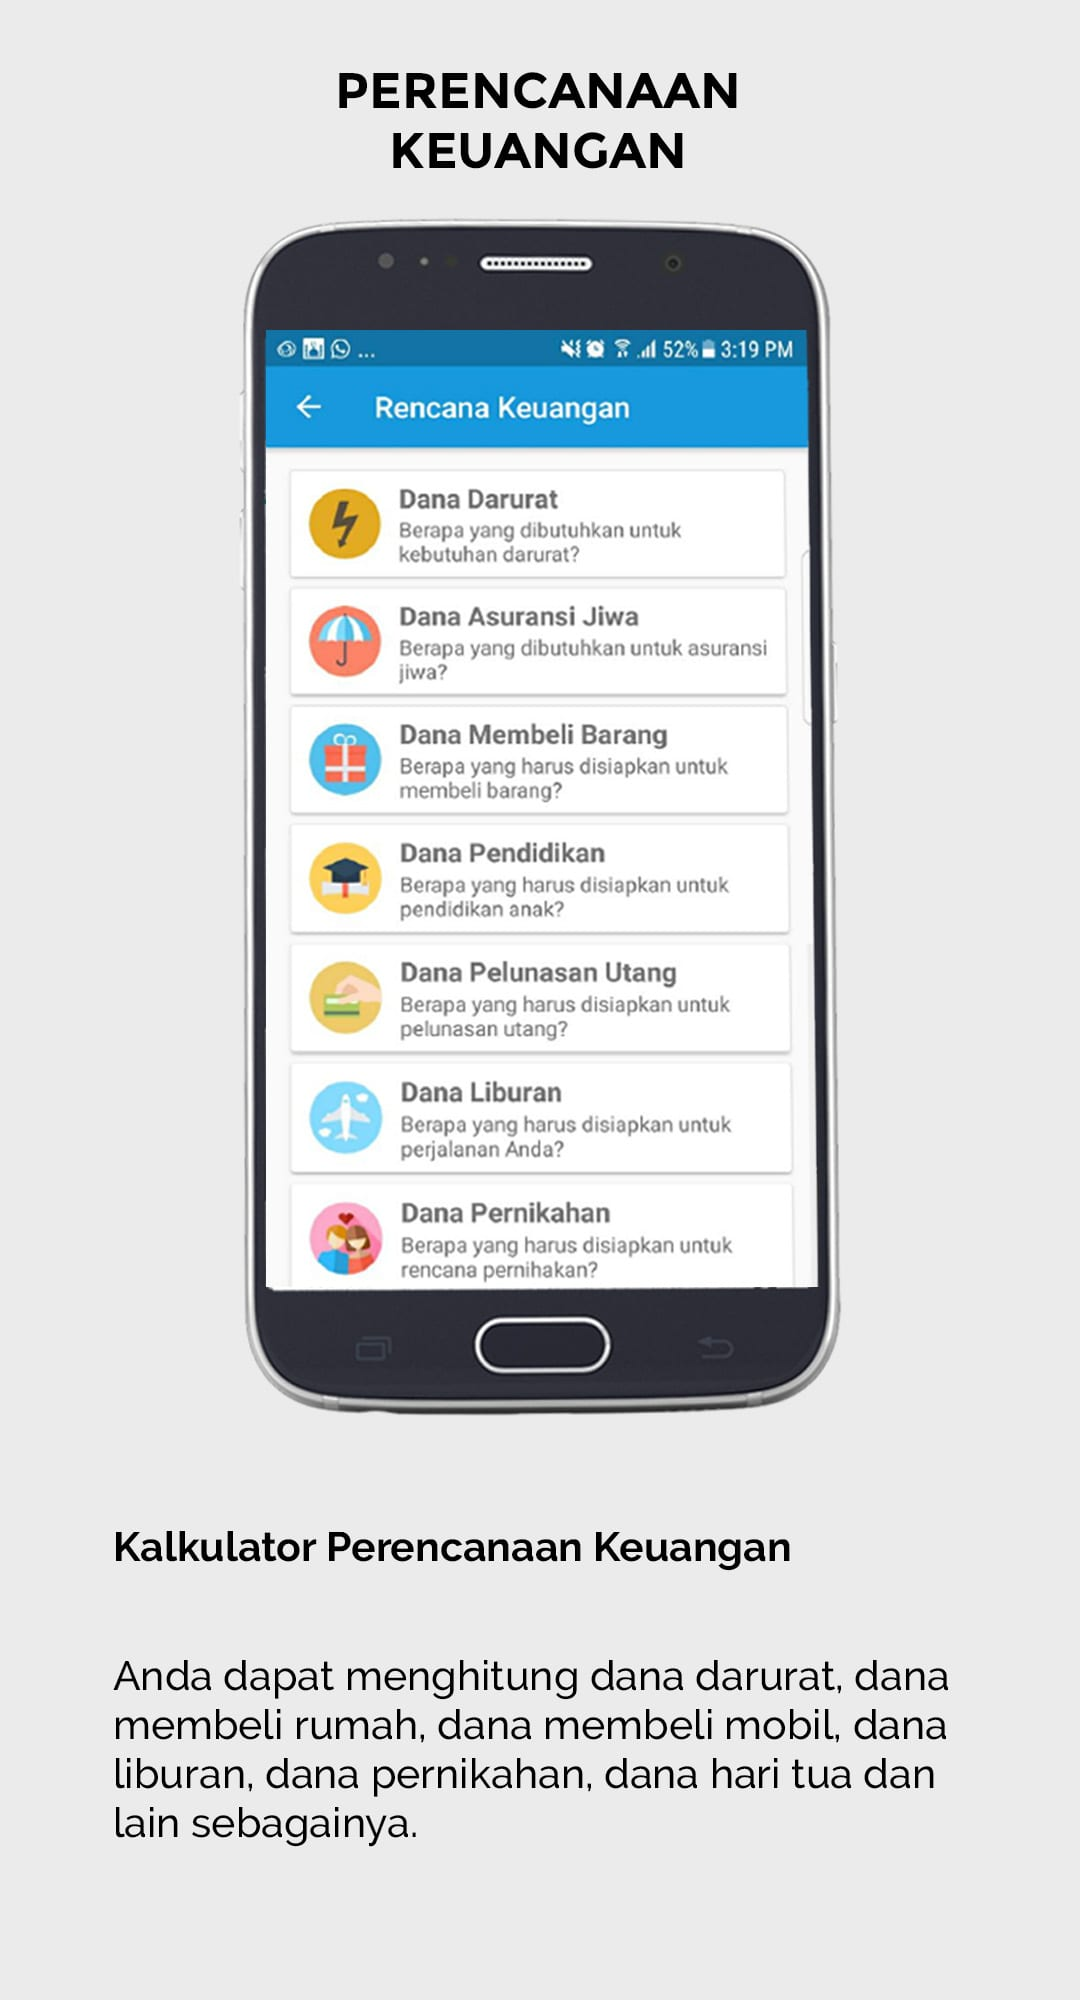 Aplikasi Finansialku - Perencanaan Keuangan - Catatan Keuangan Harian